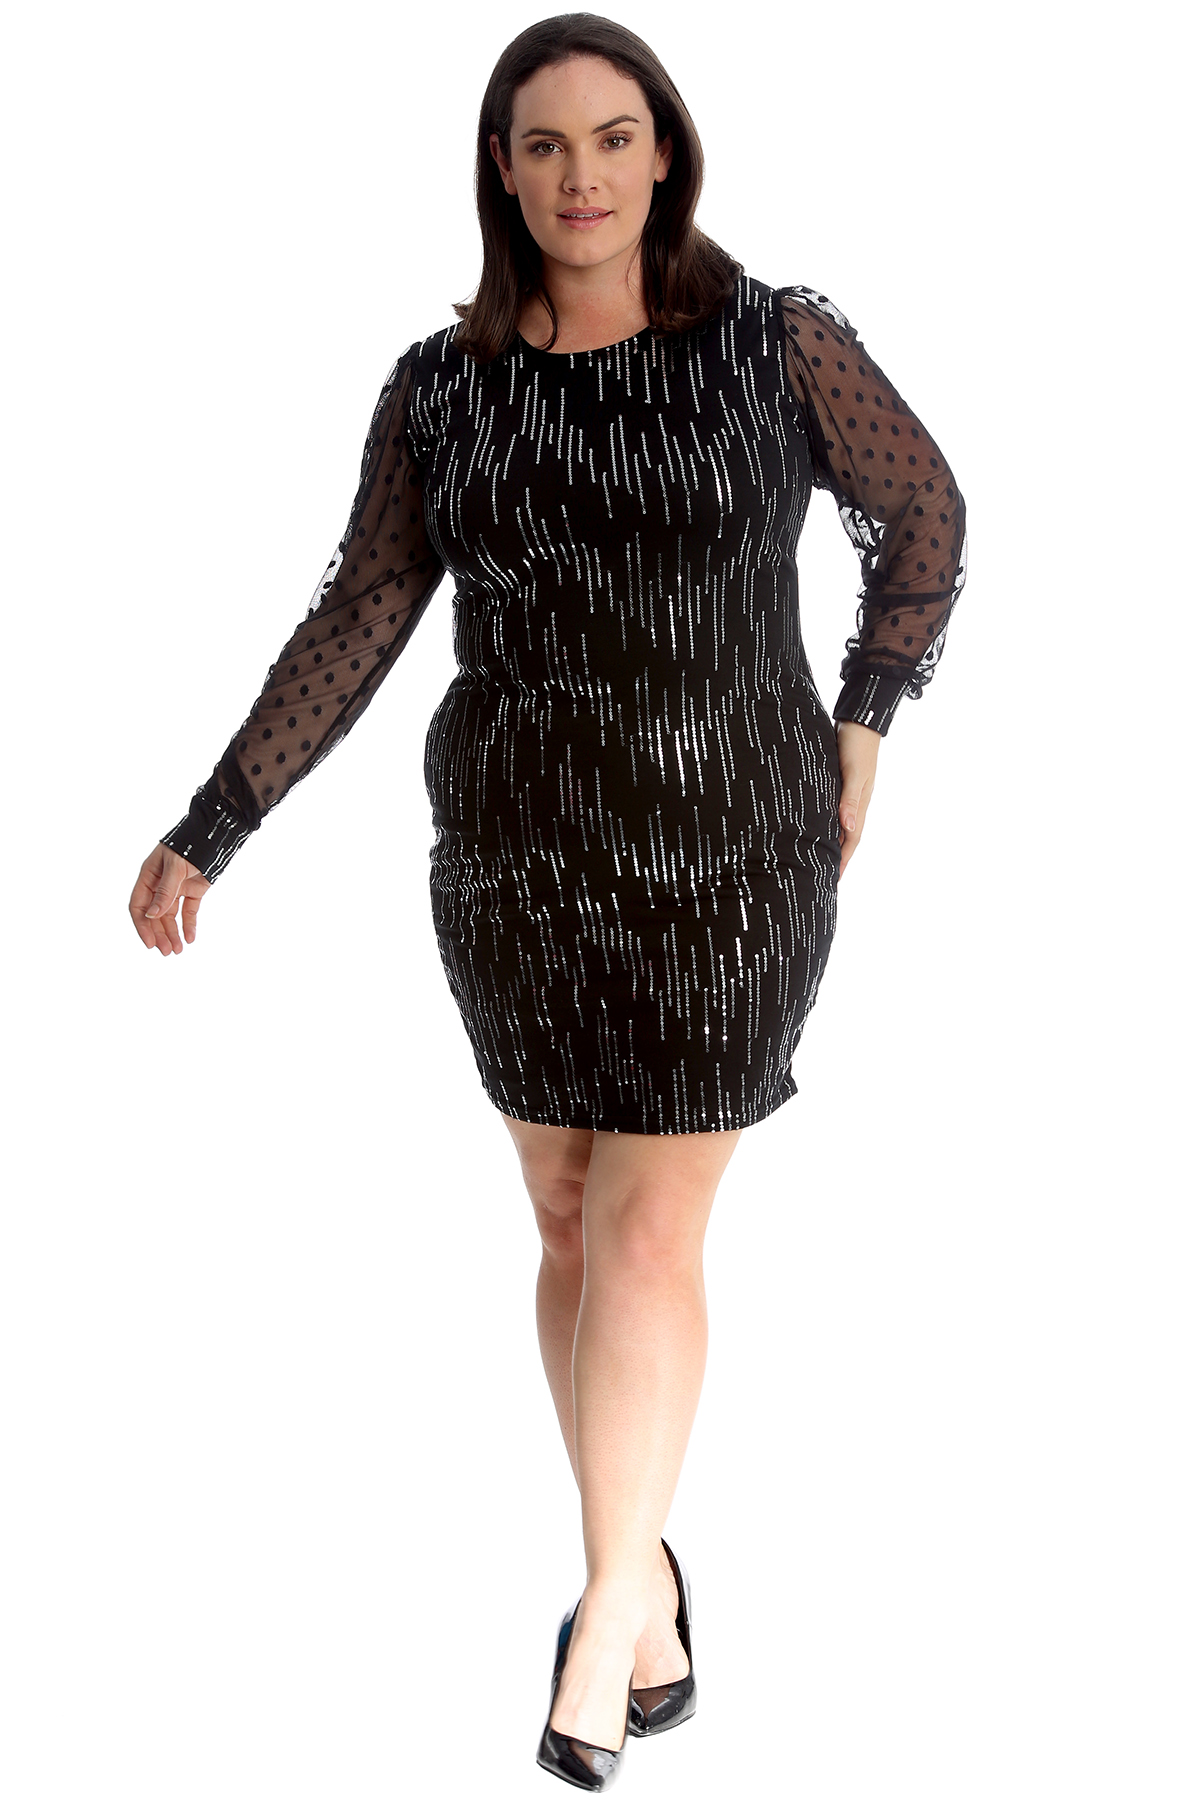 Robe Femme Taille Plus Femmes Moulante Sequin Midi en mousseline de soie manches Parti nouvelle